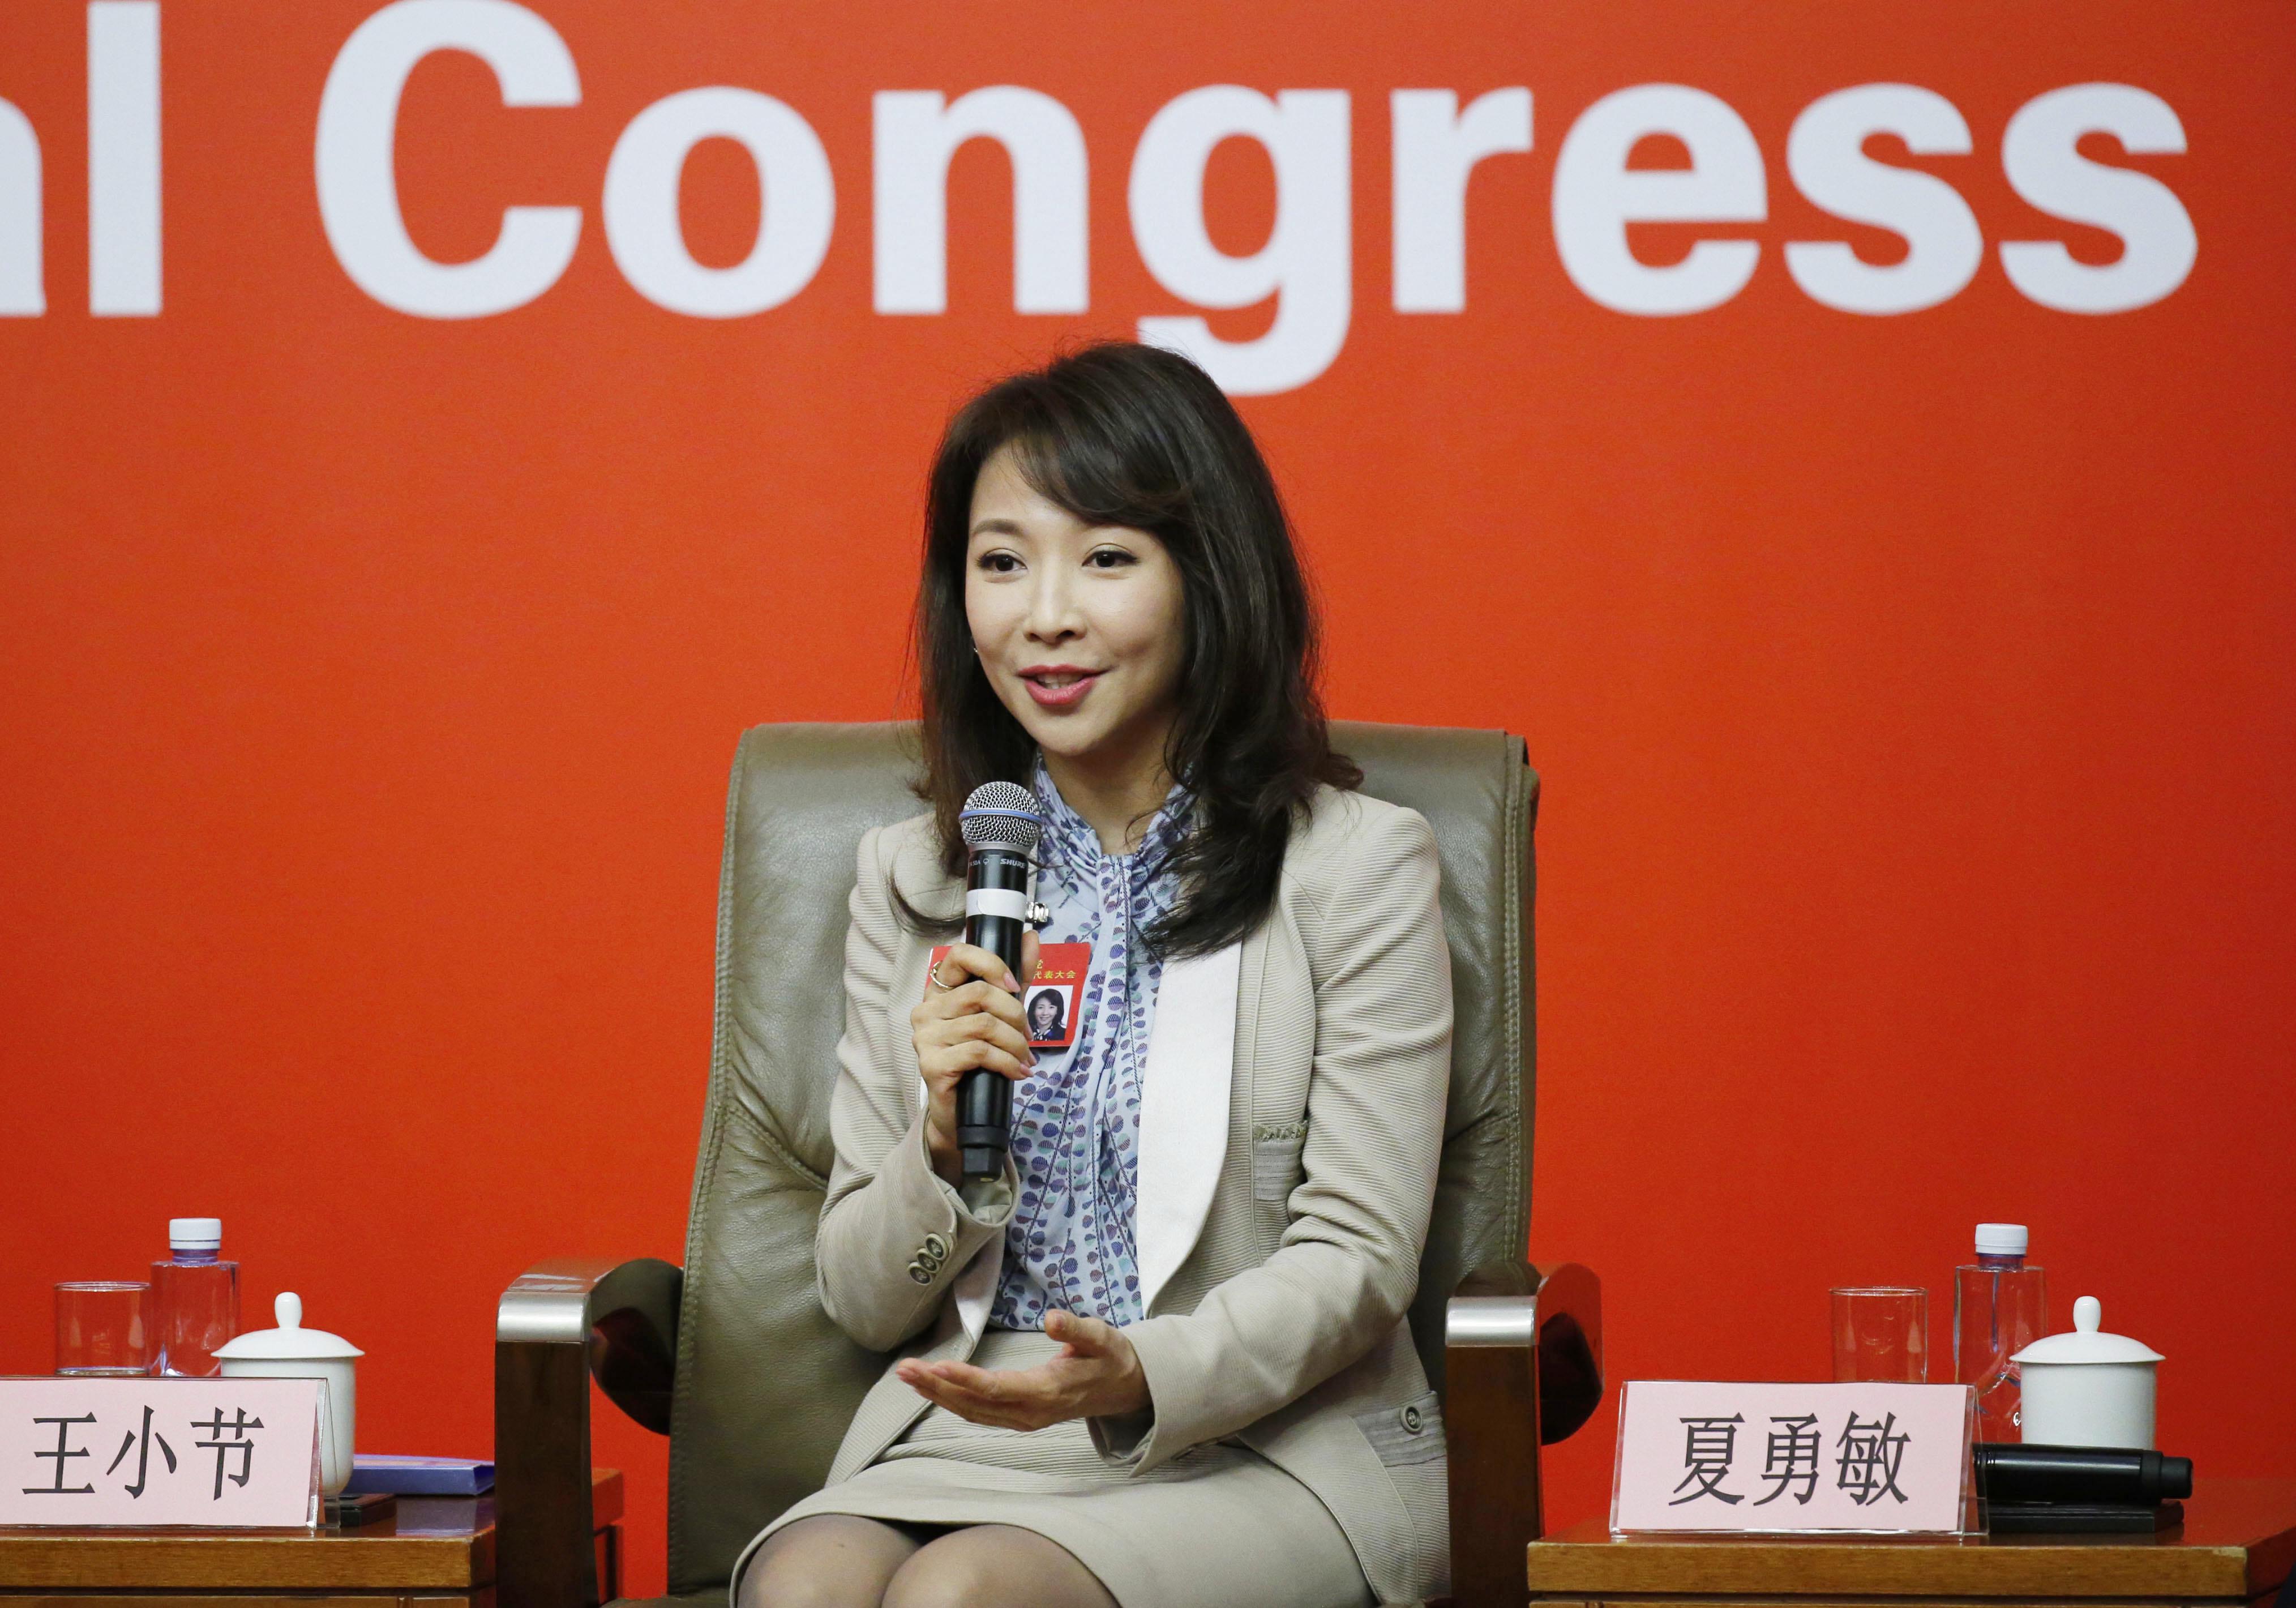 王小节_中央电视台驻北京记者站站长王小节接受集体采访(张玉薇 摄)